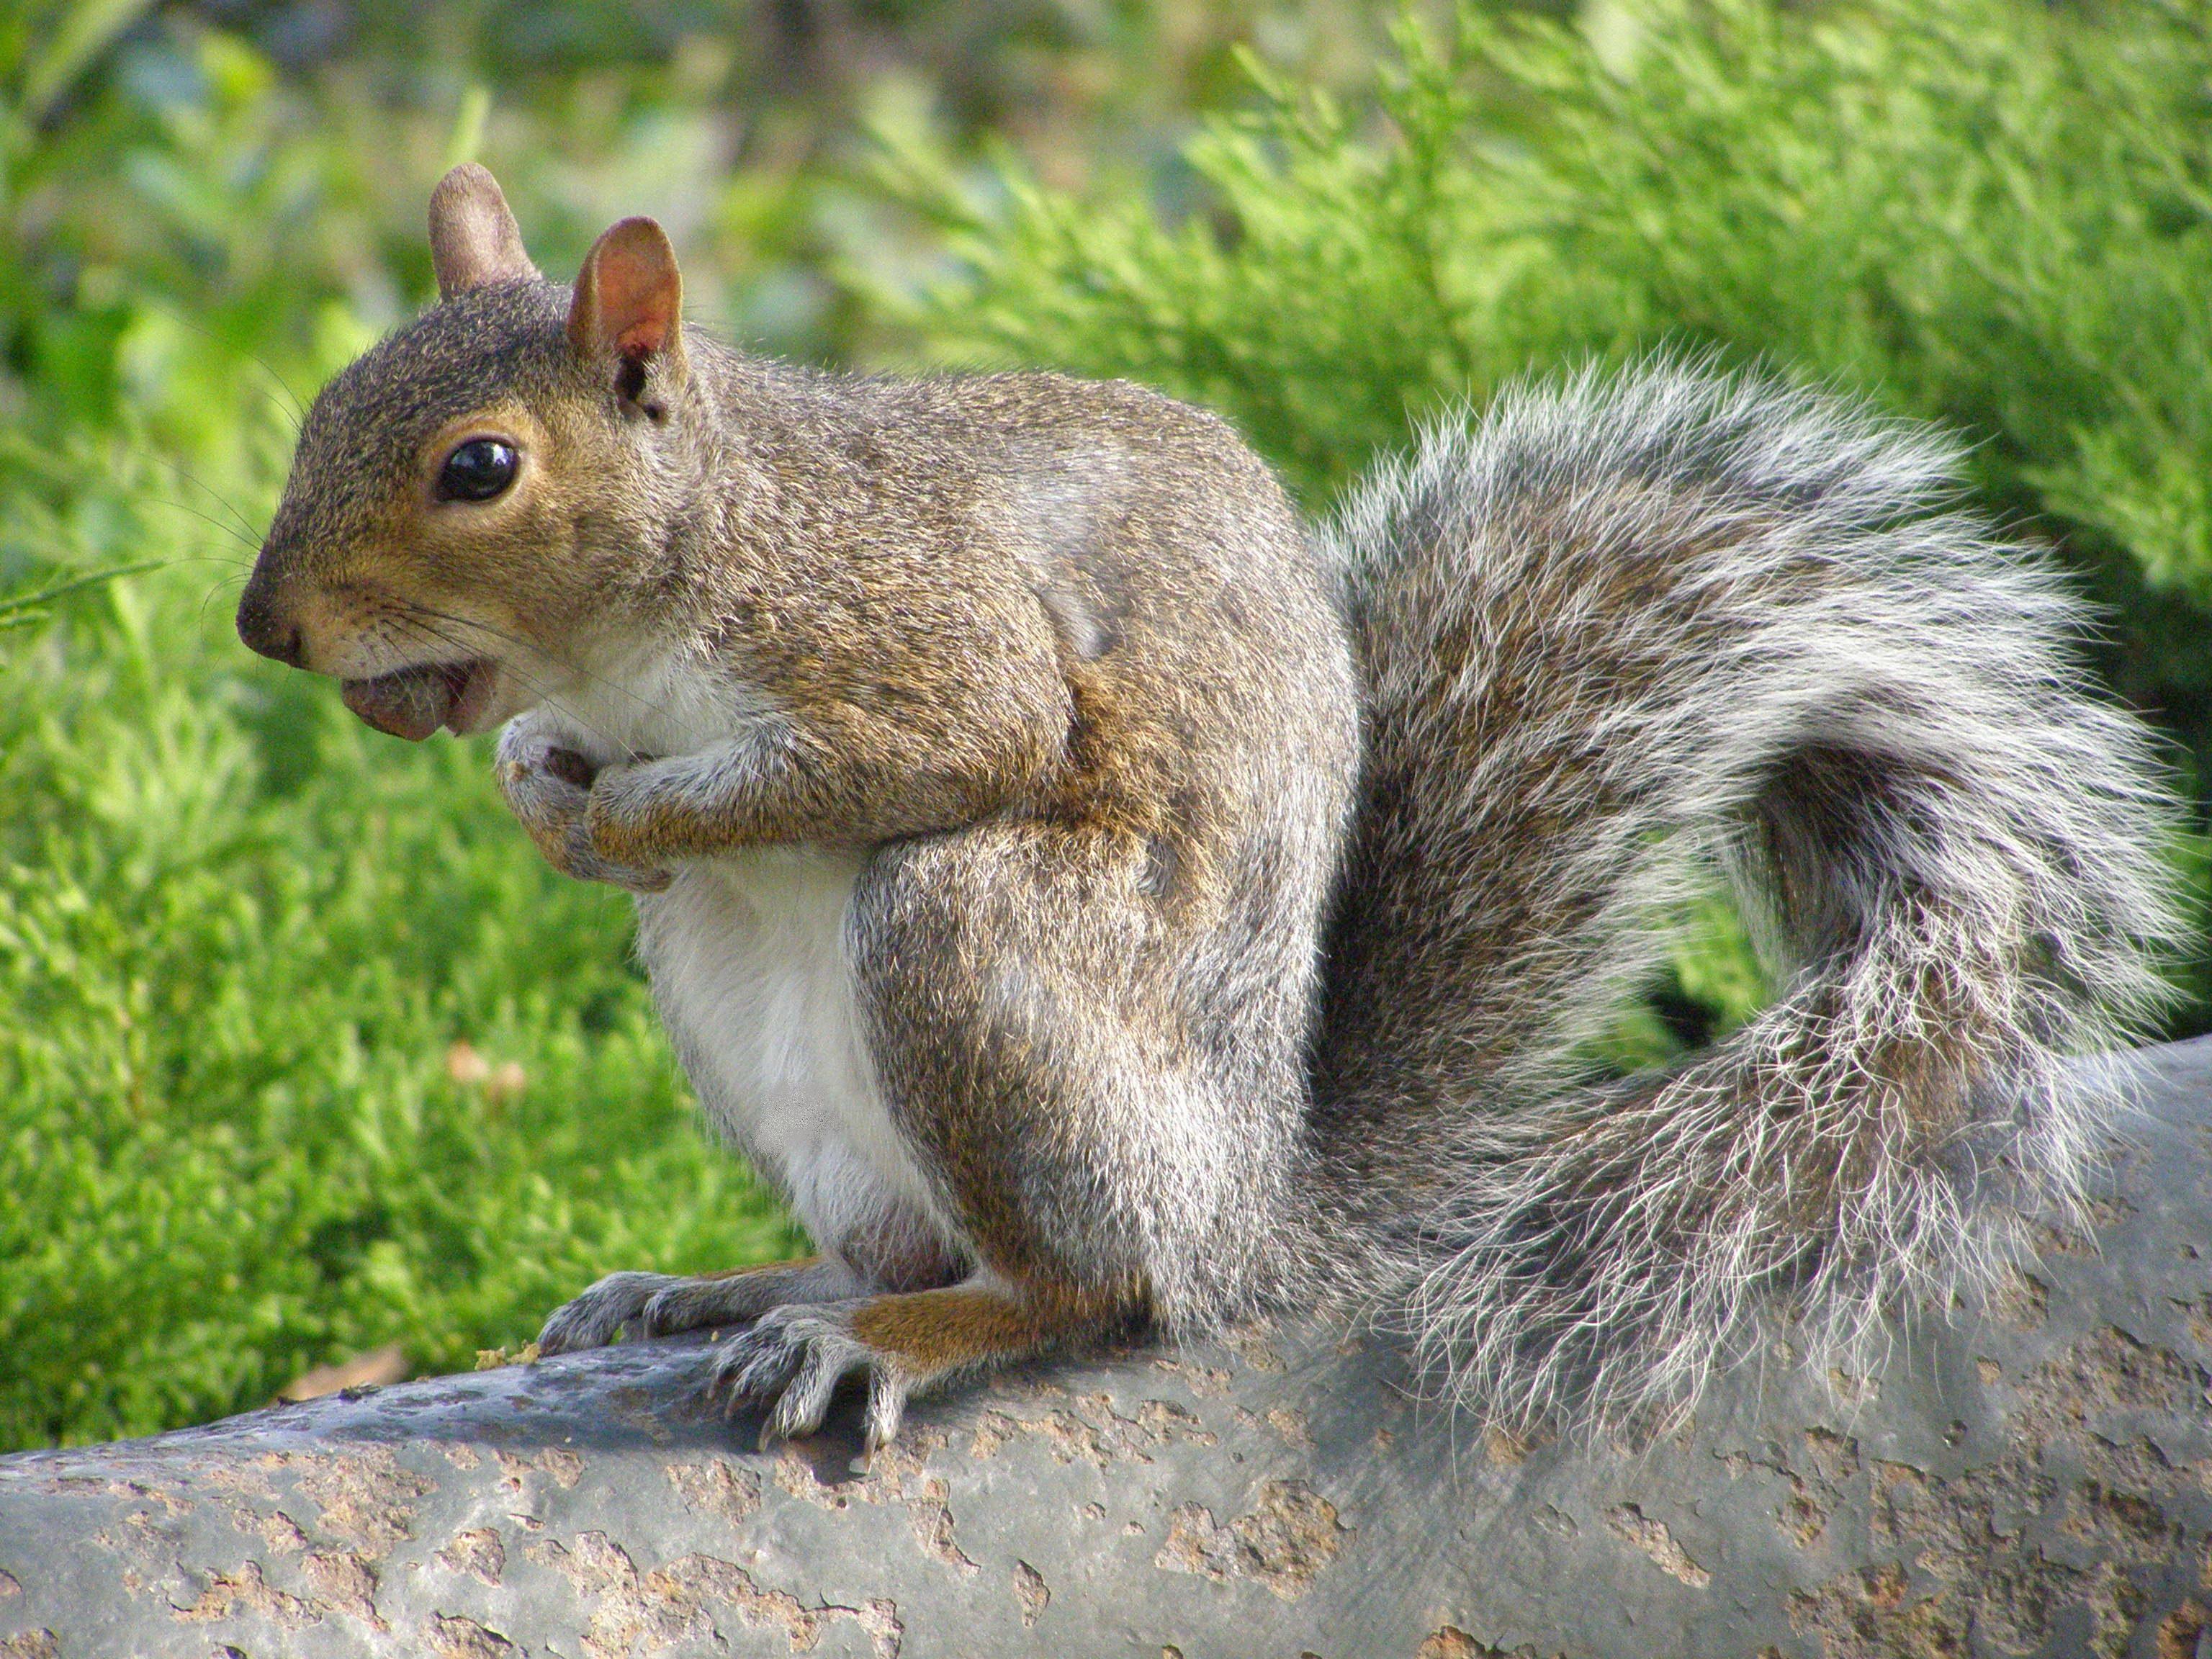 New York Squirrel | Animals, Unique animals, Most beautiful animals